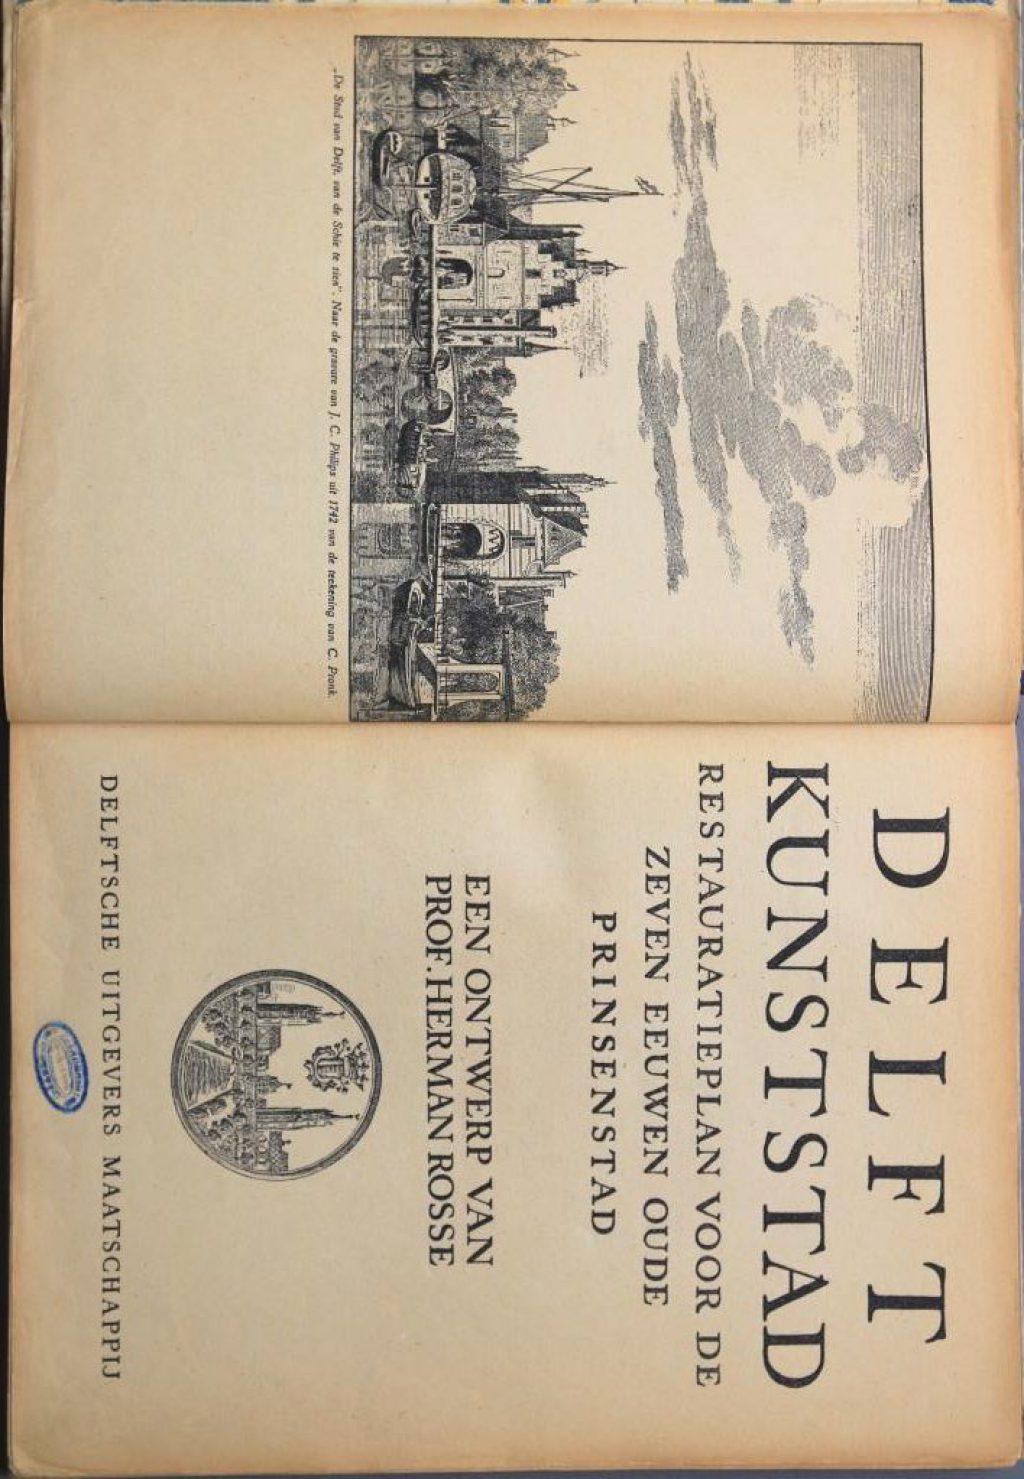 H. Rosse, Delft kunststad. Restauratieplan voor de zeven eeuwen oude Prinsenstad (Delft 1946)